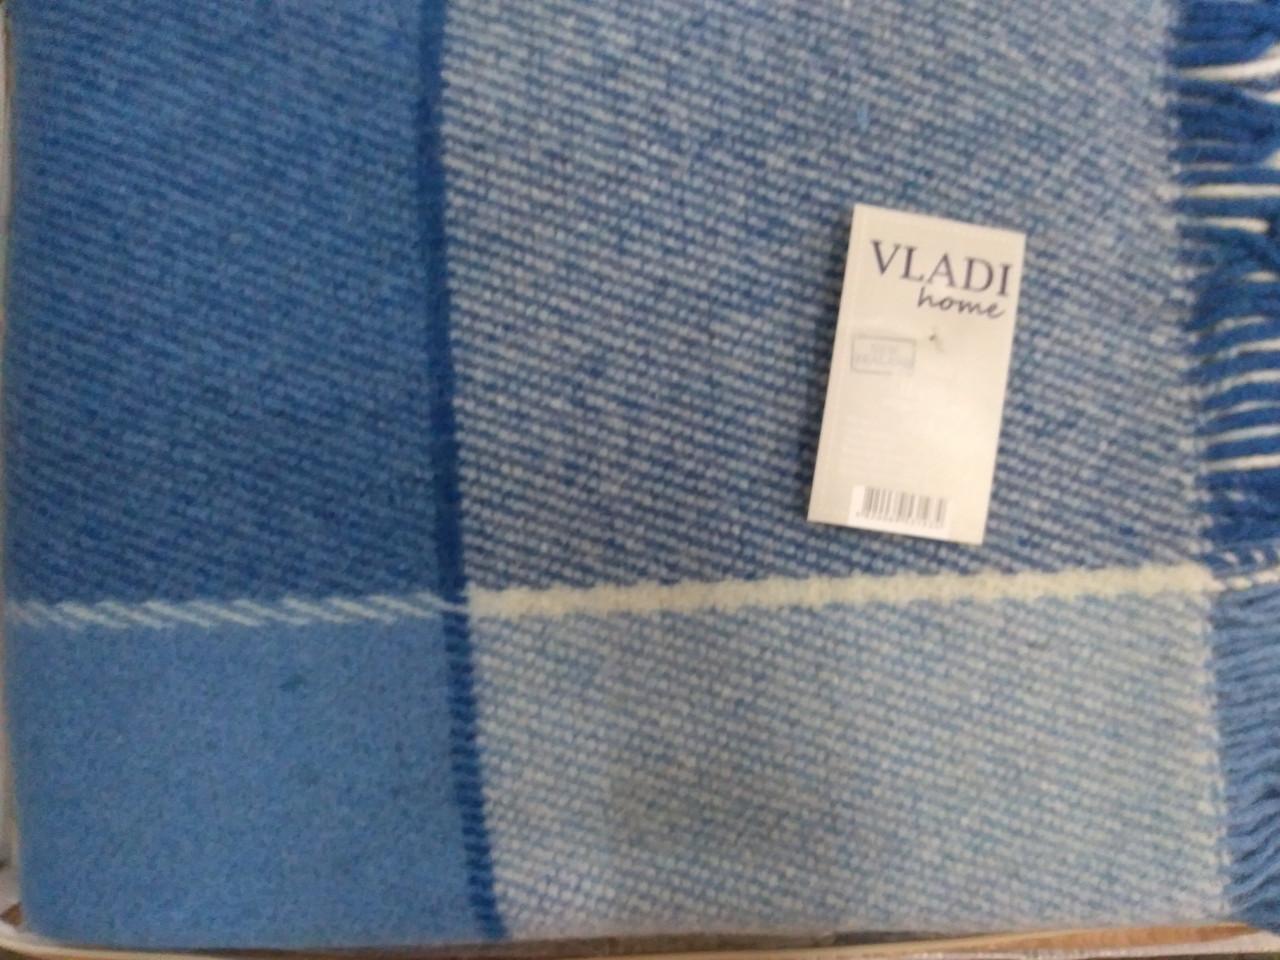 Плед Vladi Эльф 1 двуспальный 170*210 см шерстяной бело-голубой-кобальтовый крупная клетка